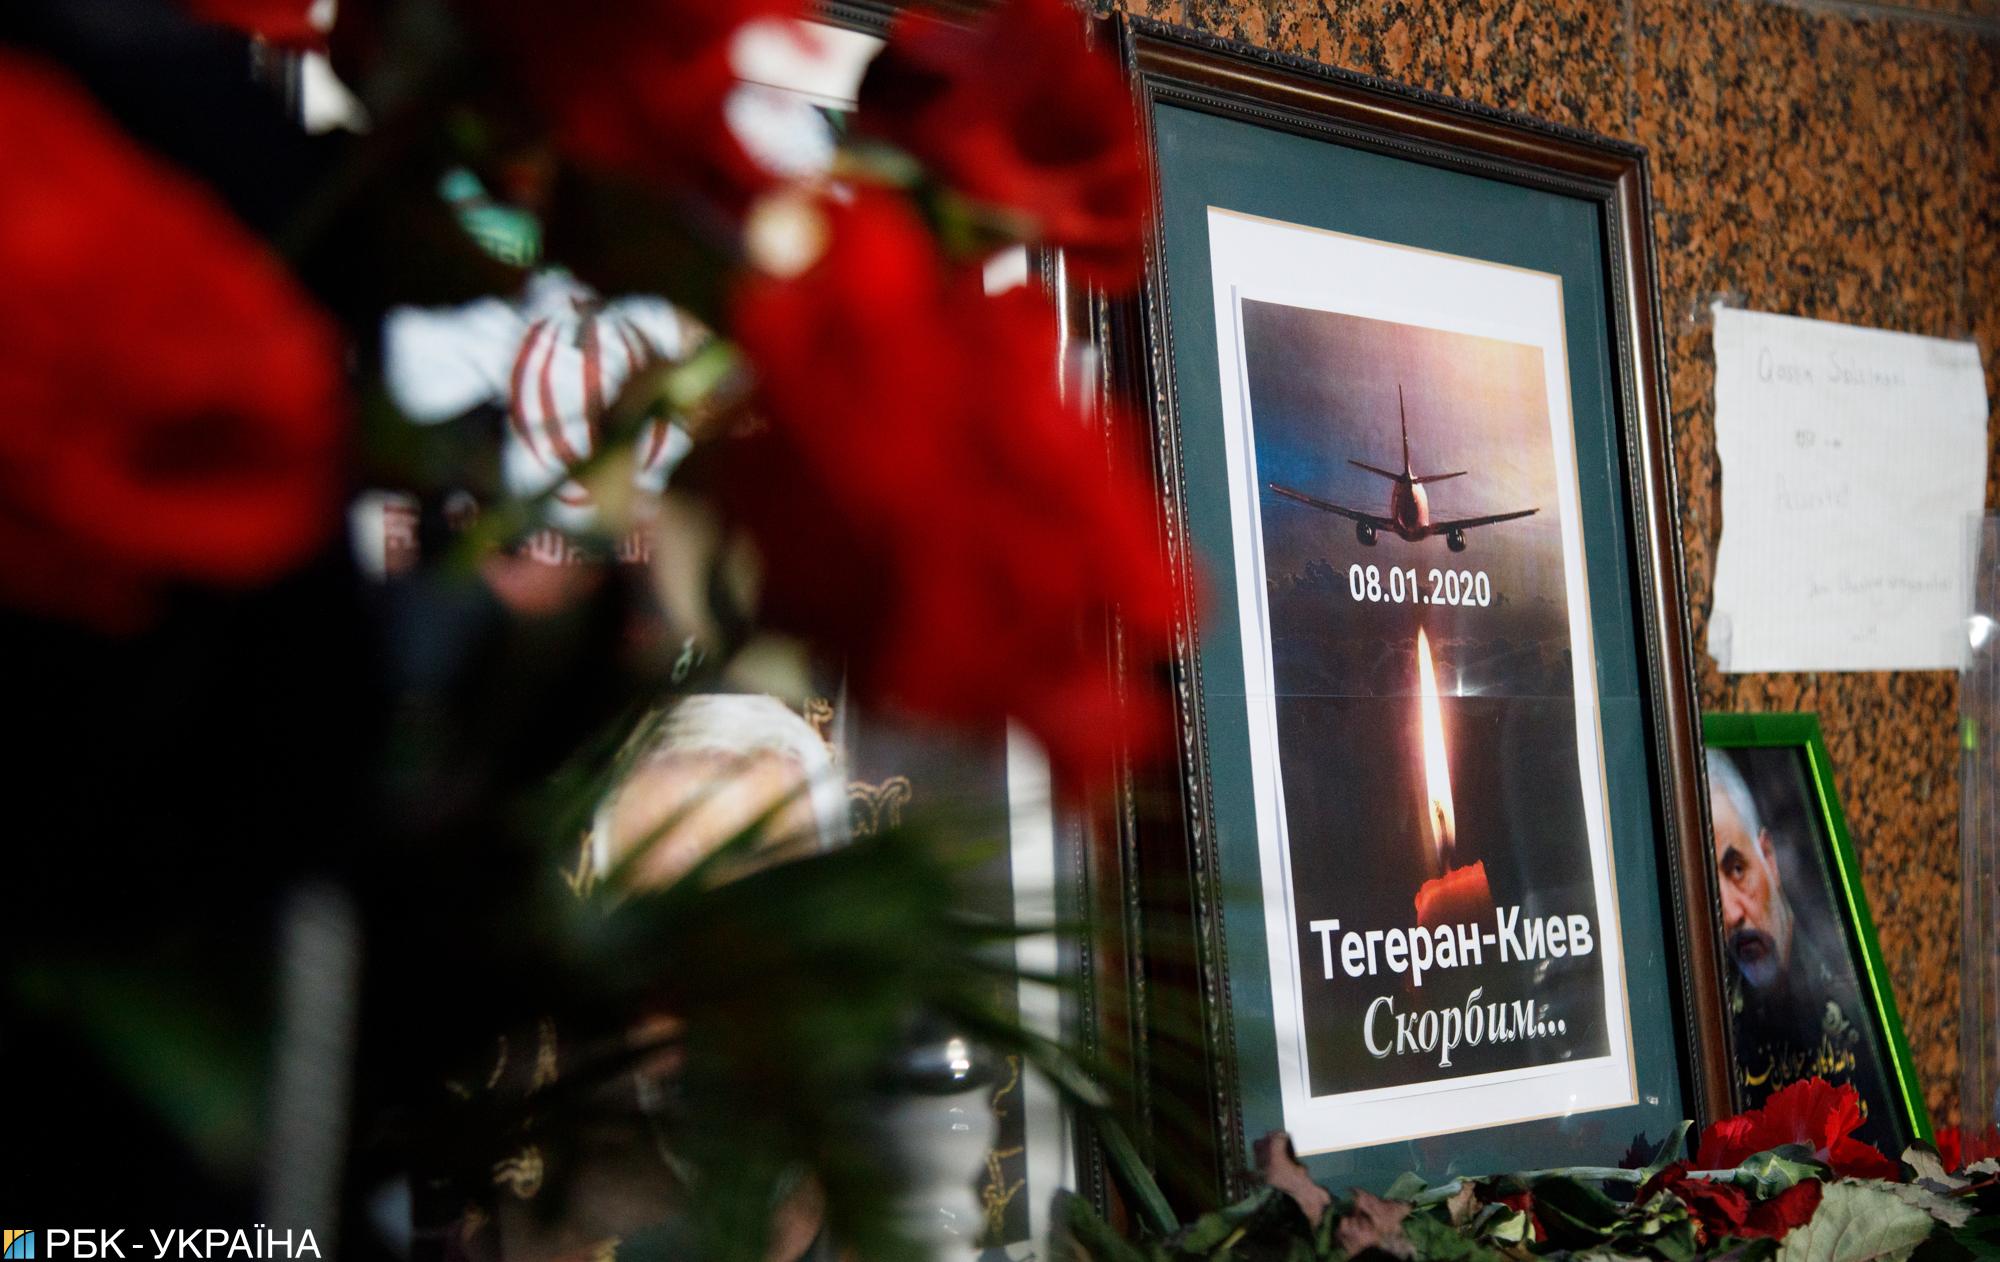 Сознательная ошибка. Что известно о катастрофе рейса МАУ над Тегераном год спустя